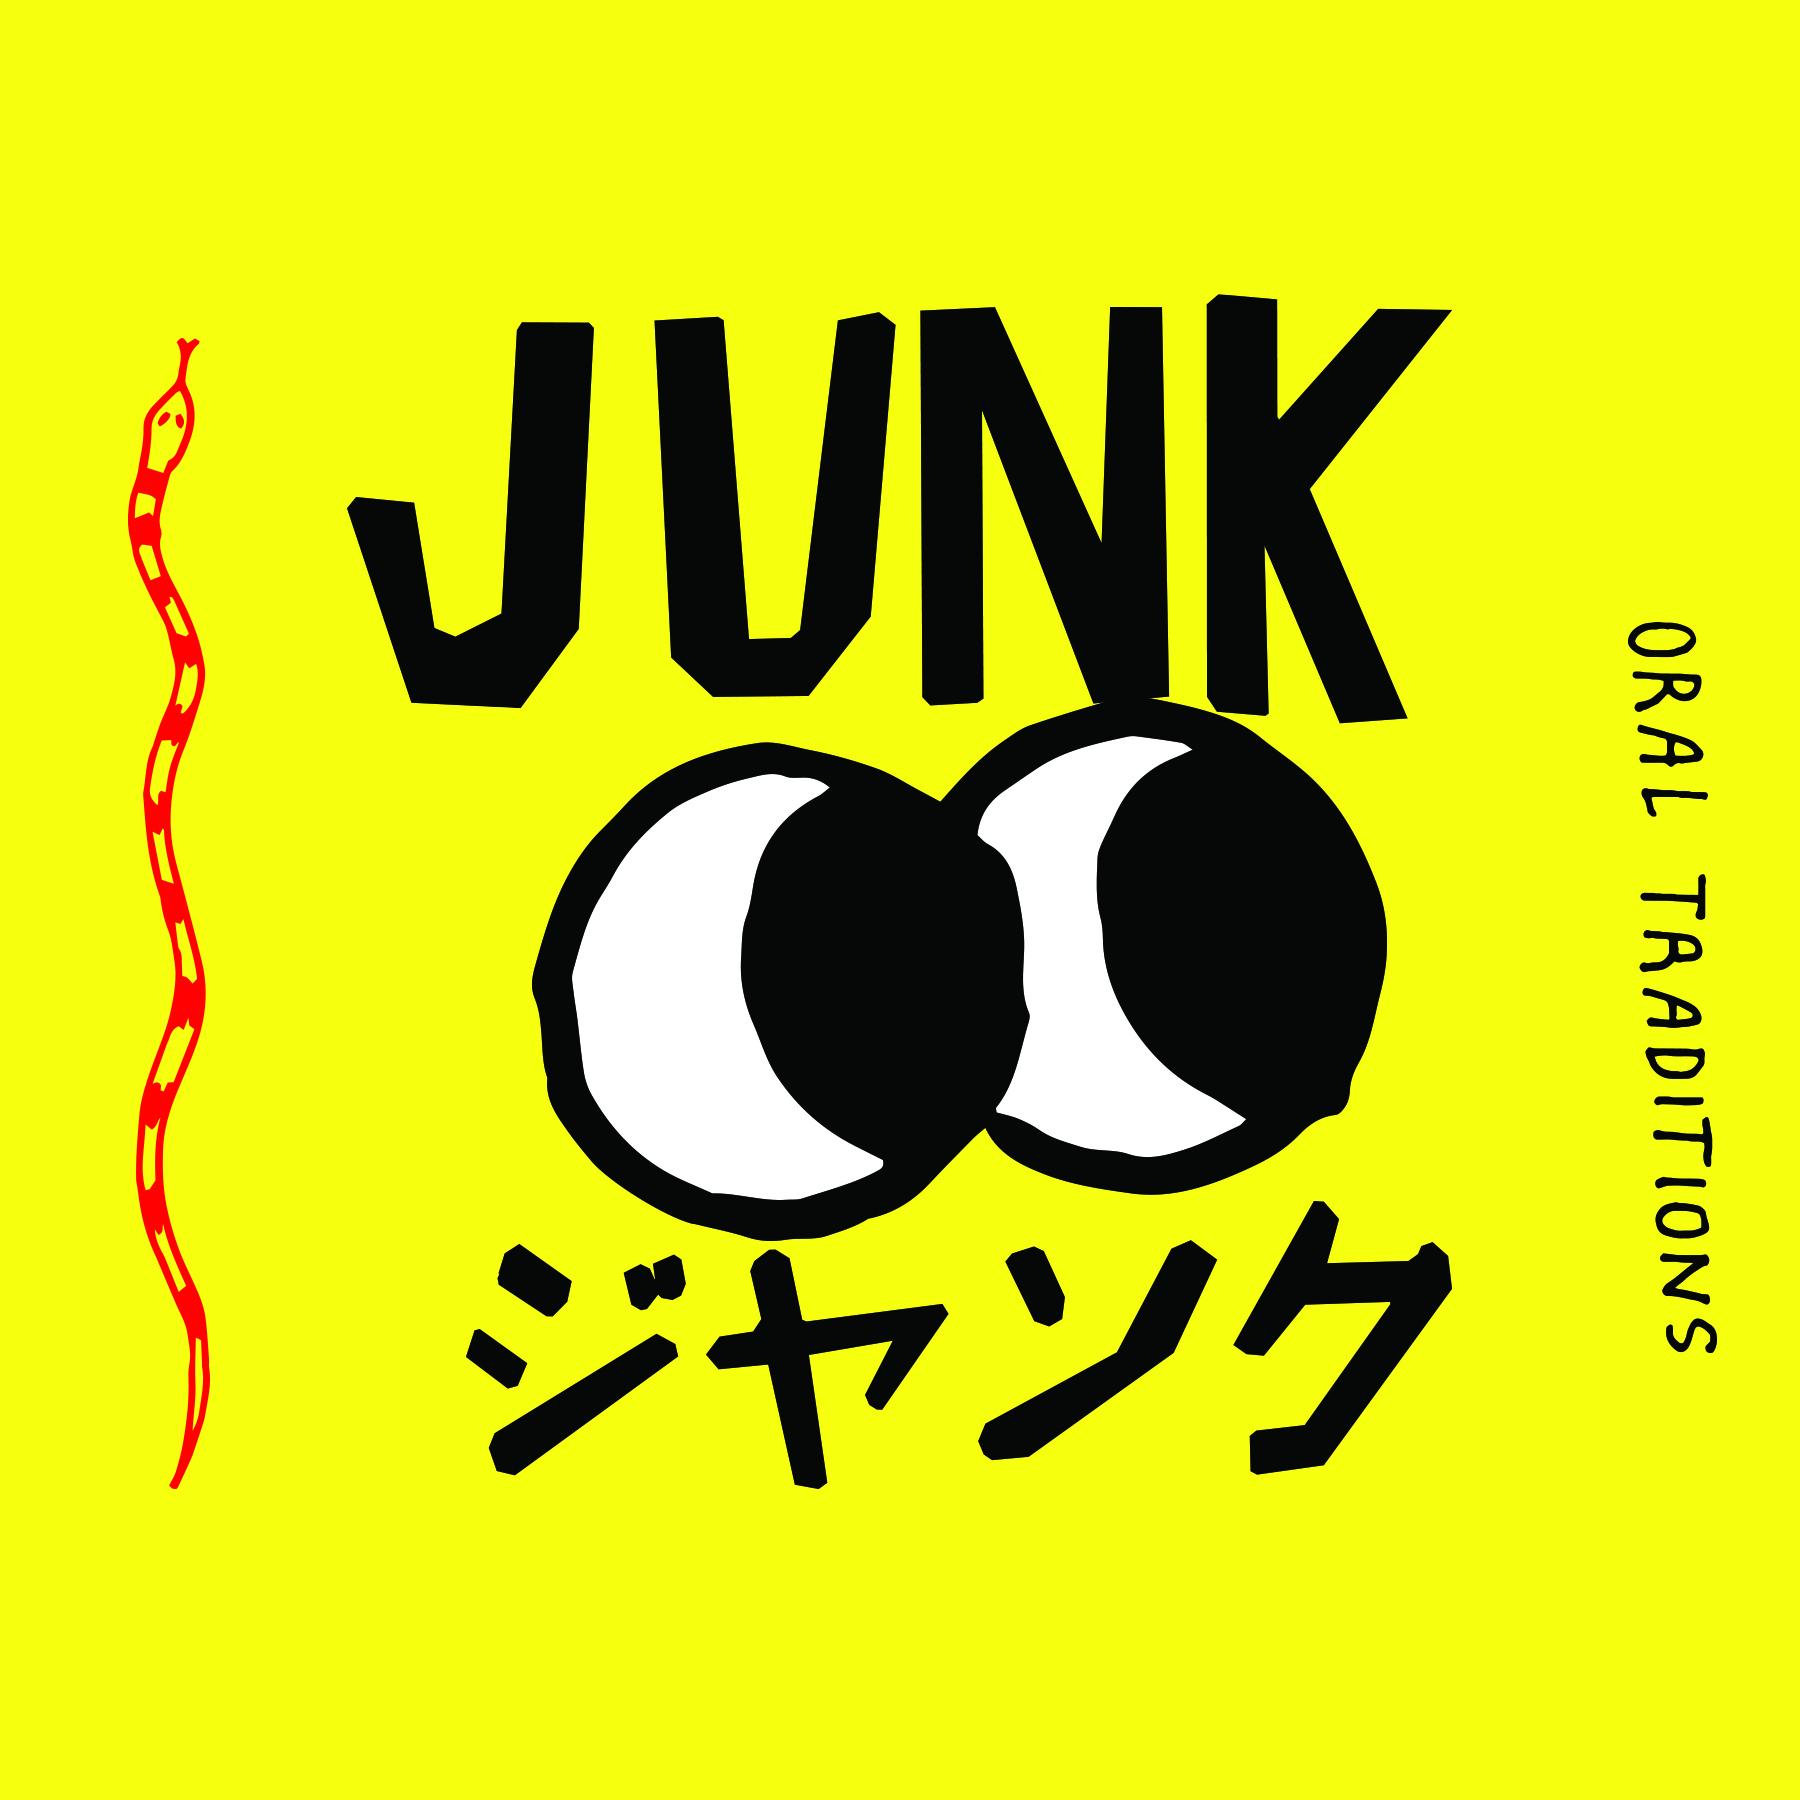 JUNK illustration